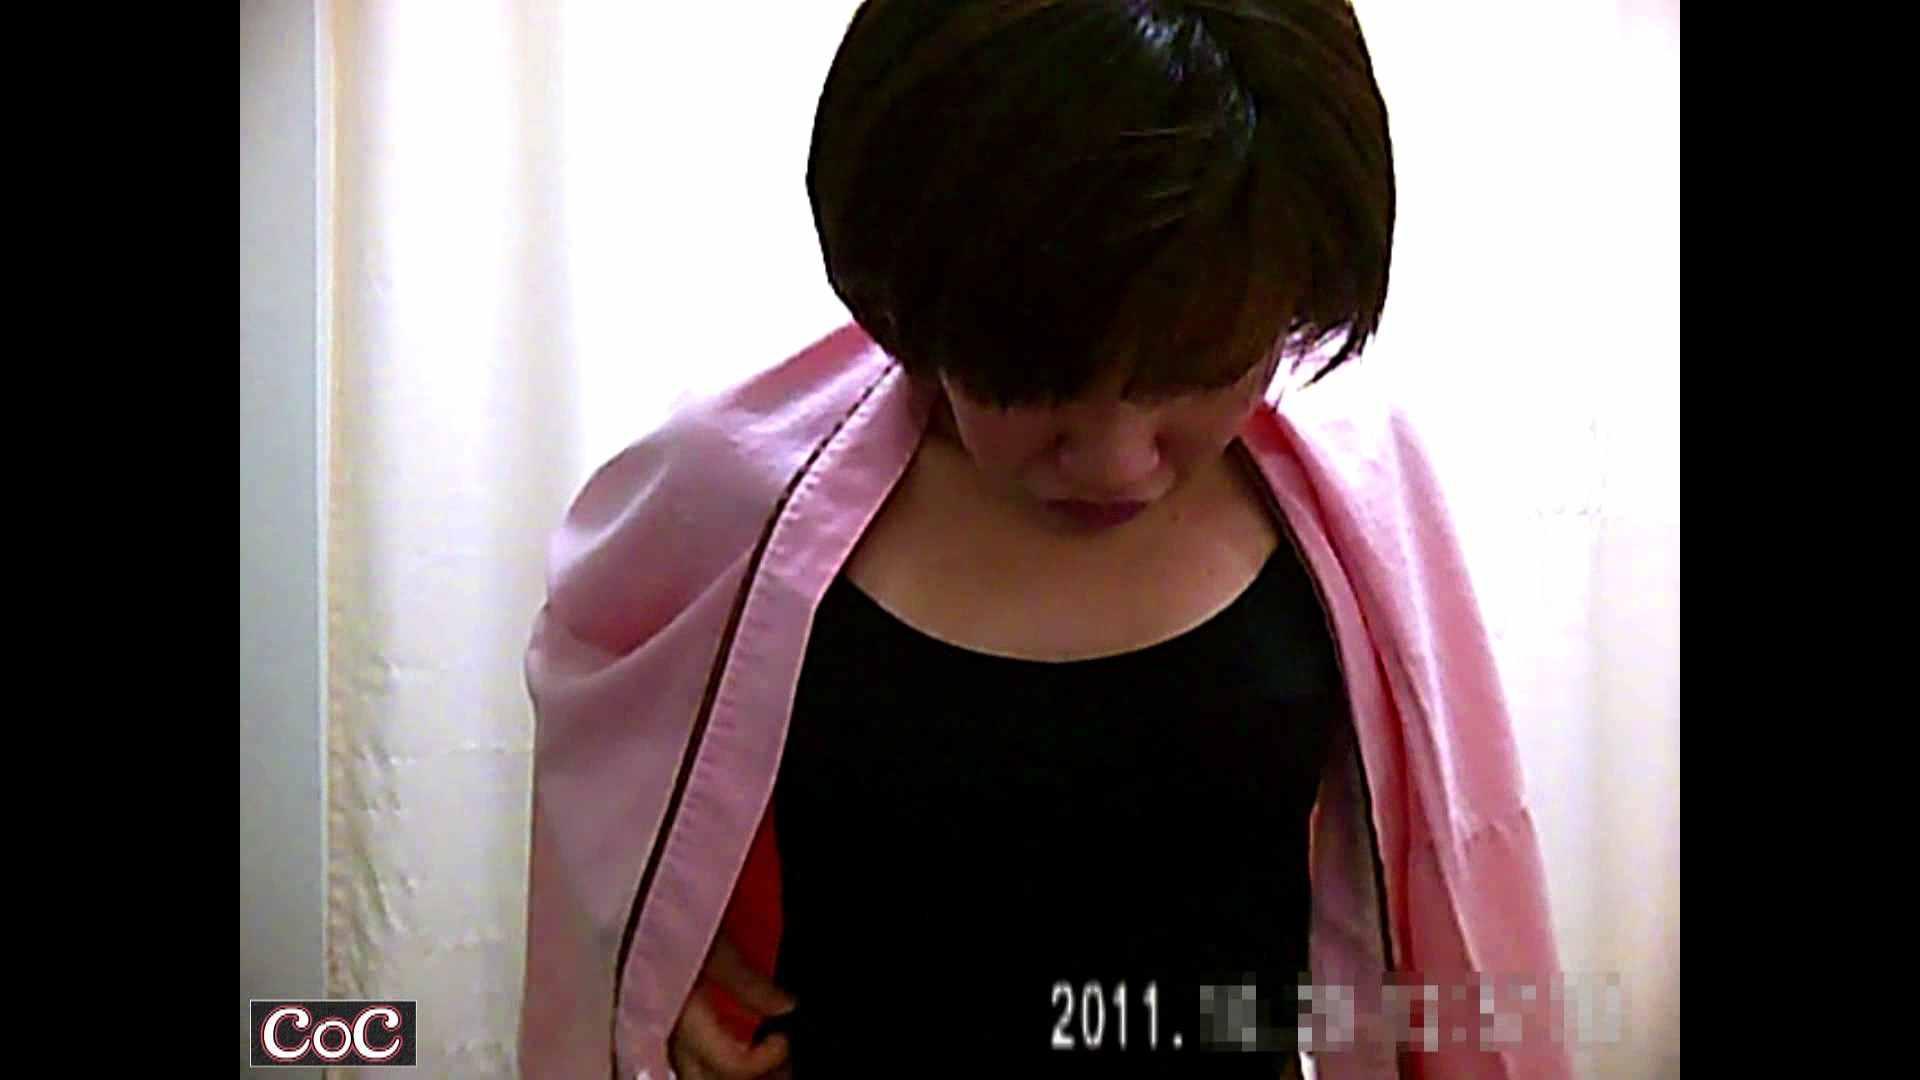 病院おもいっきり着替え! vol.65 貧乳 オマンコ無修正動画無料 89連発 63